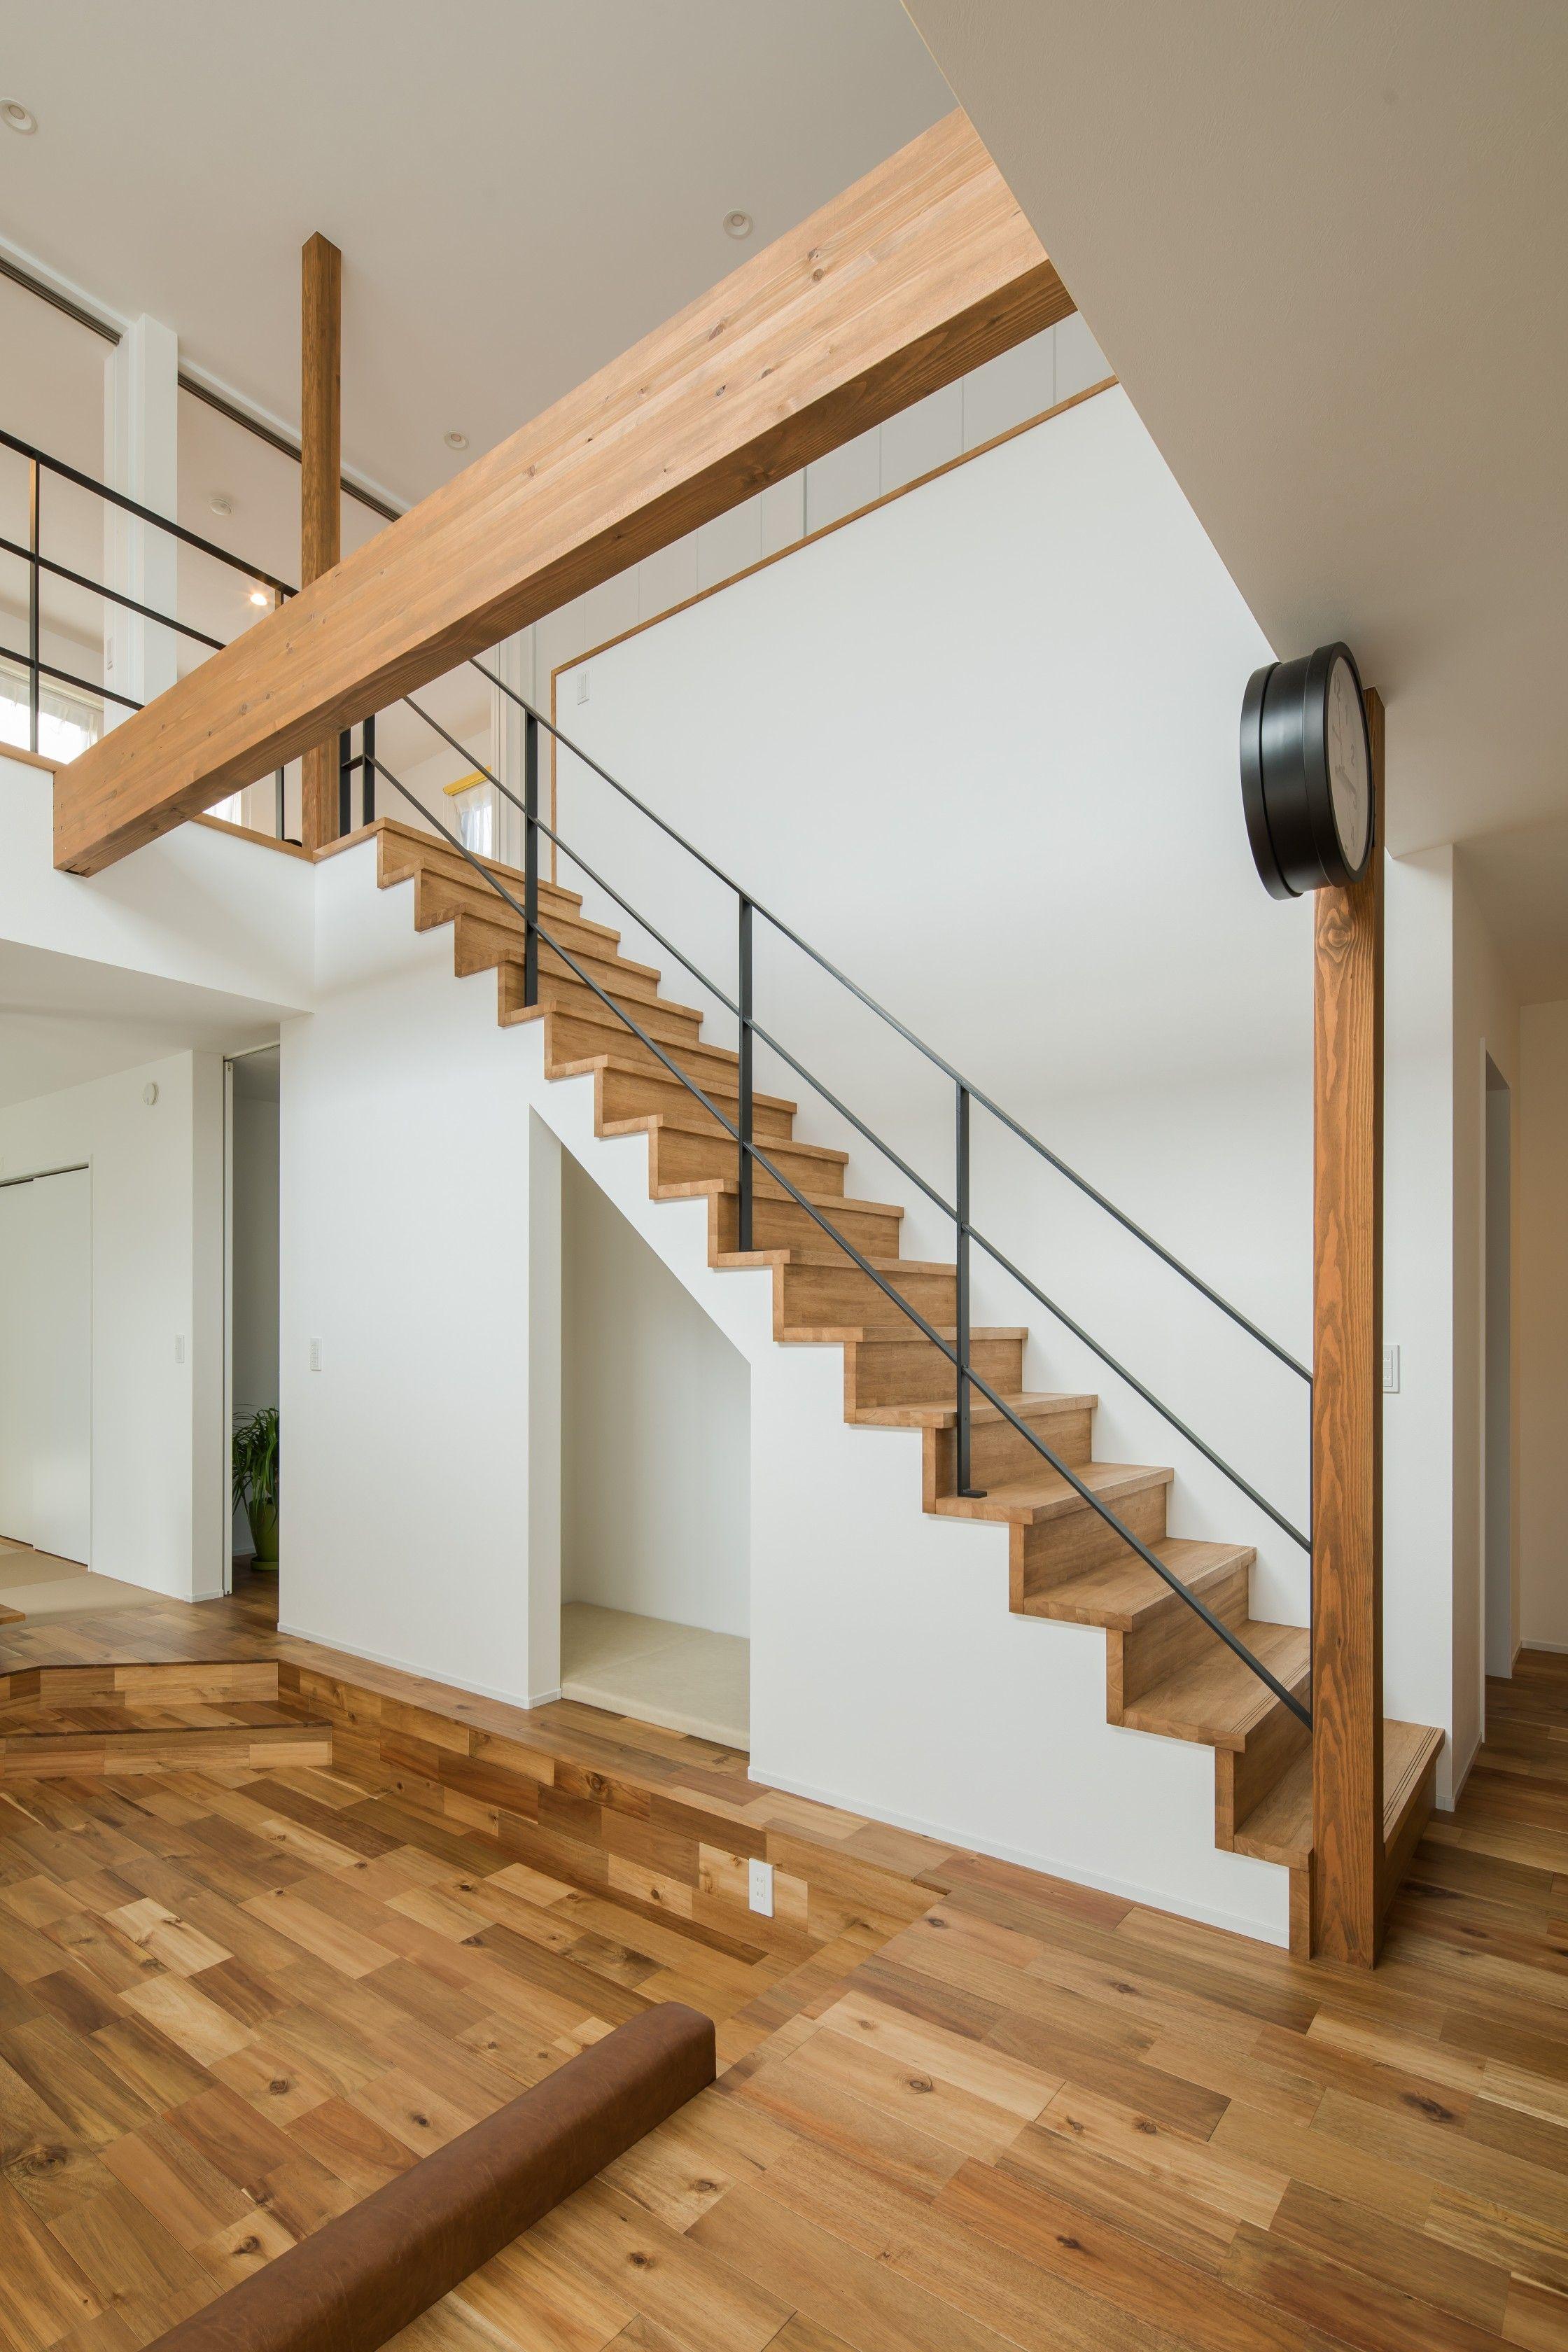 階段と柱と梁に時計がアクセントになって どこかの街角のような空間が